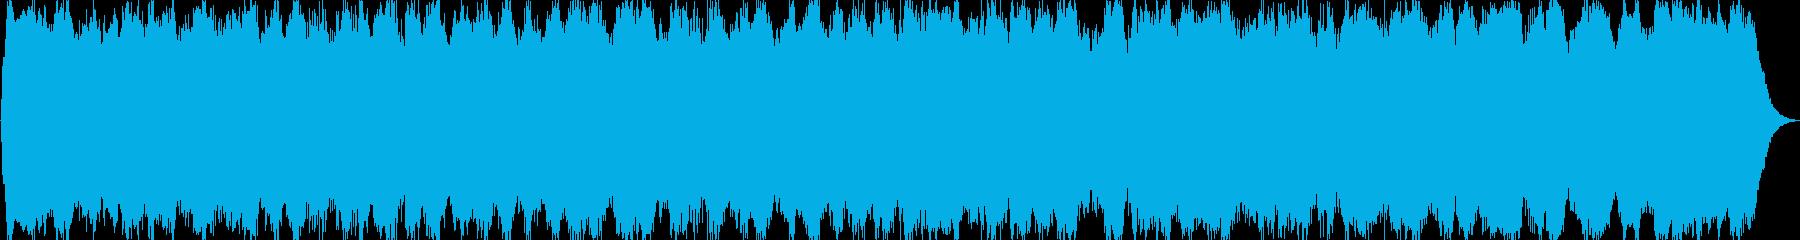 パイプオルガンのバロック調の曲の再生済みの波形